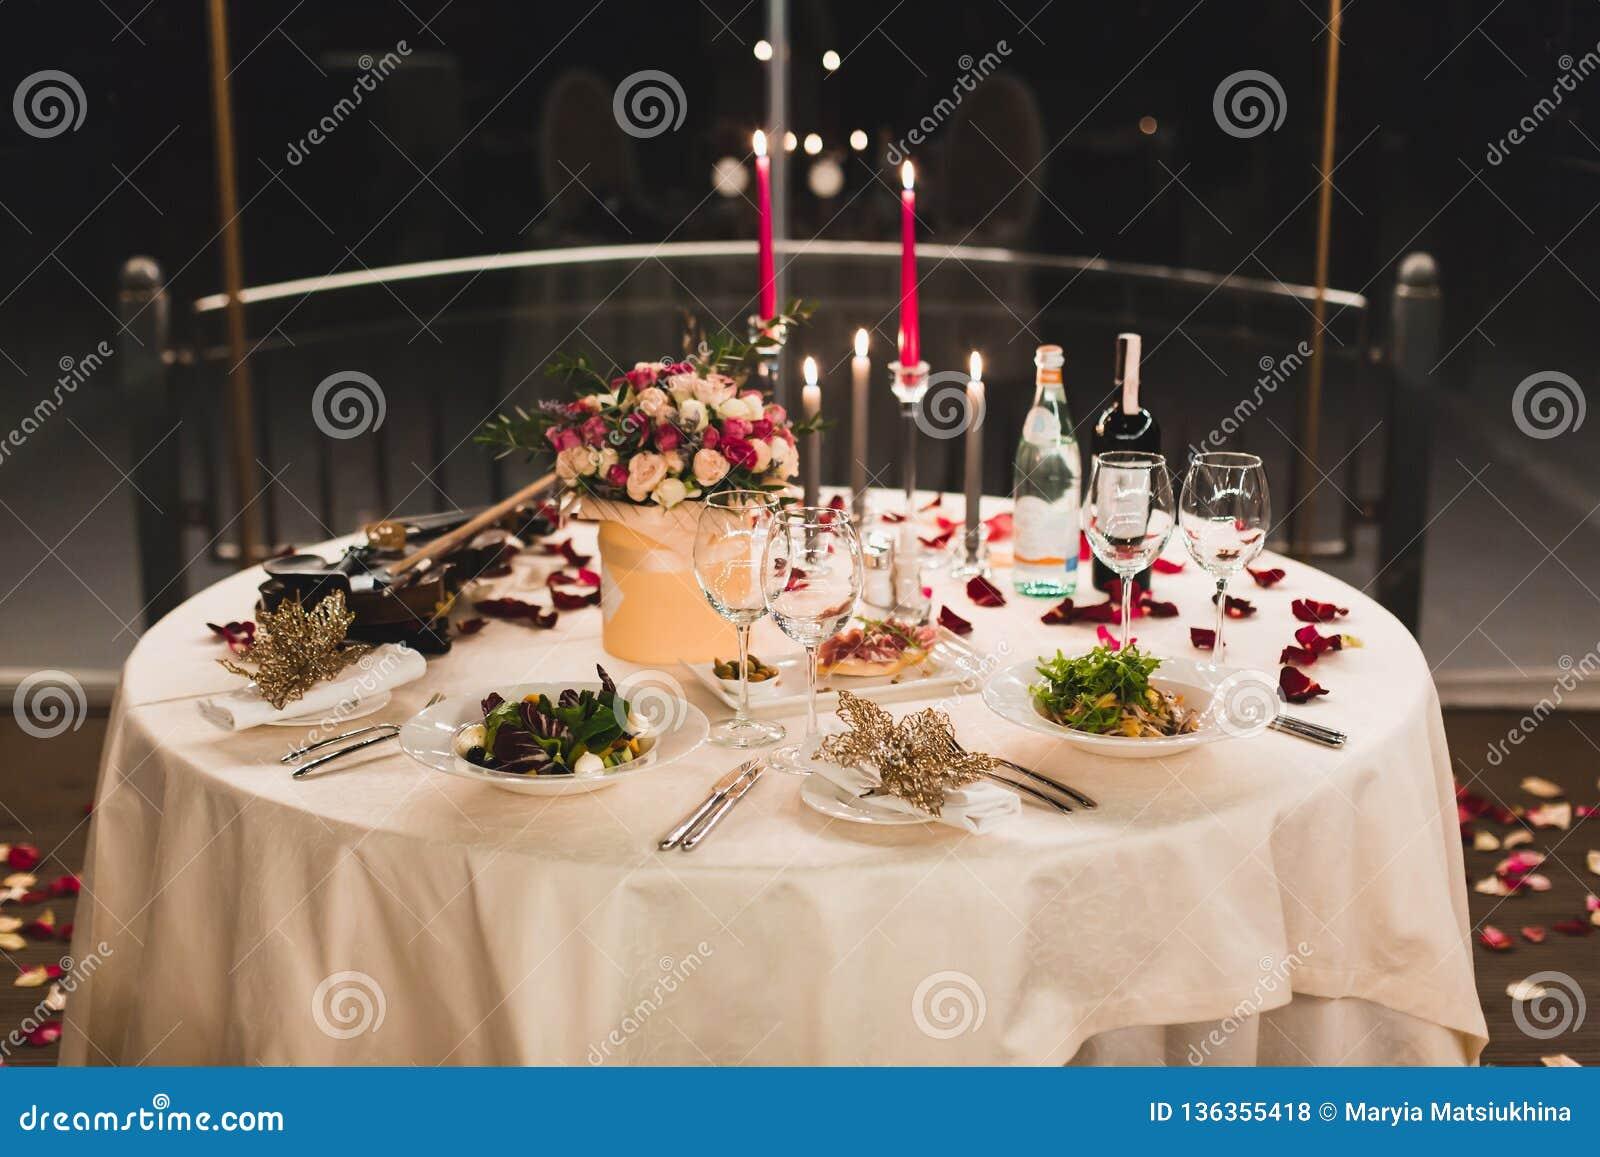 De romantische lijst die met wijn, mooie bloemen in vakje plaatsen, lege glazen, nam bloemblaadjes en kaarsen toe